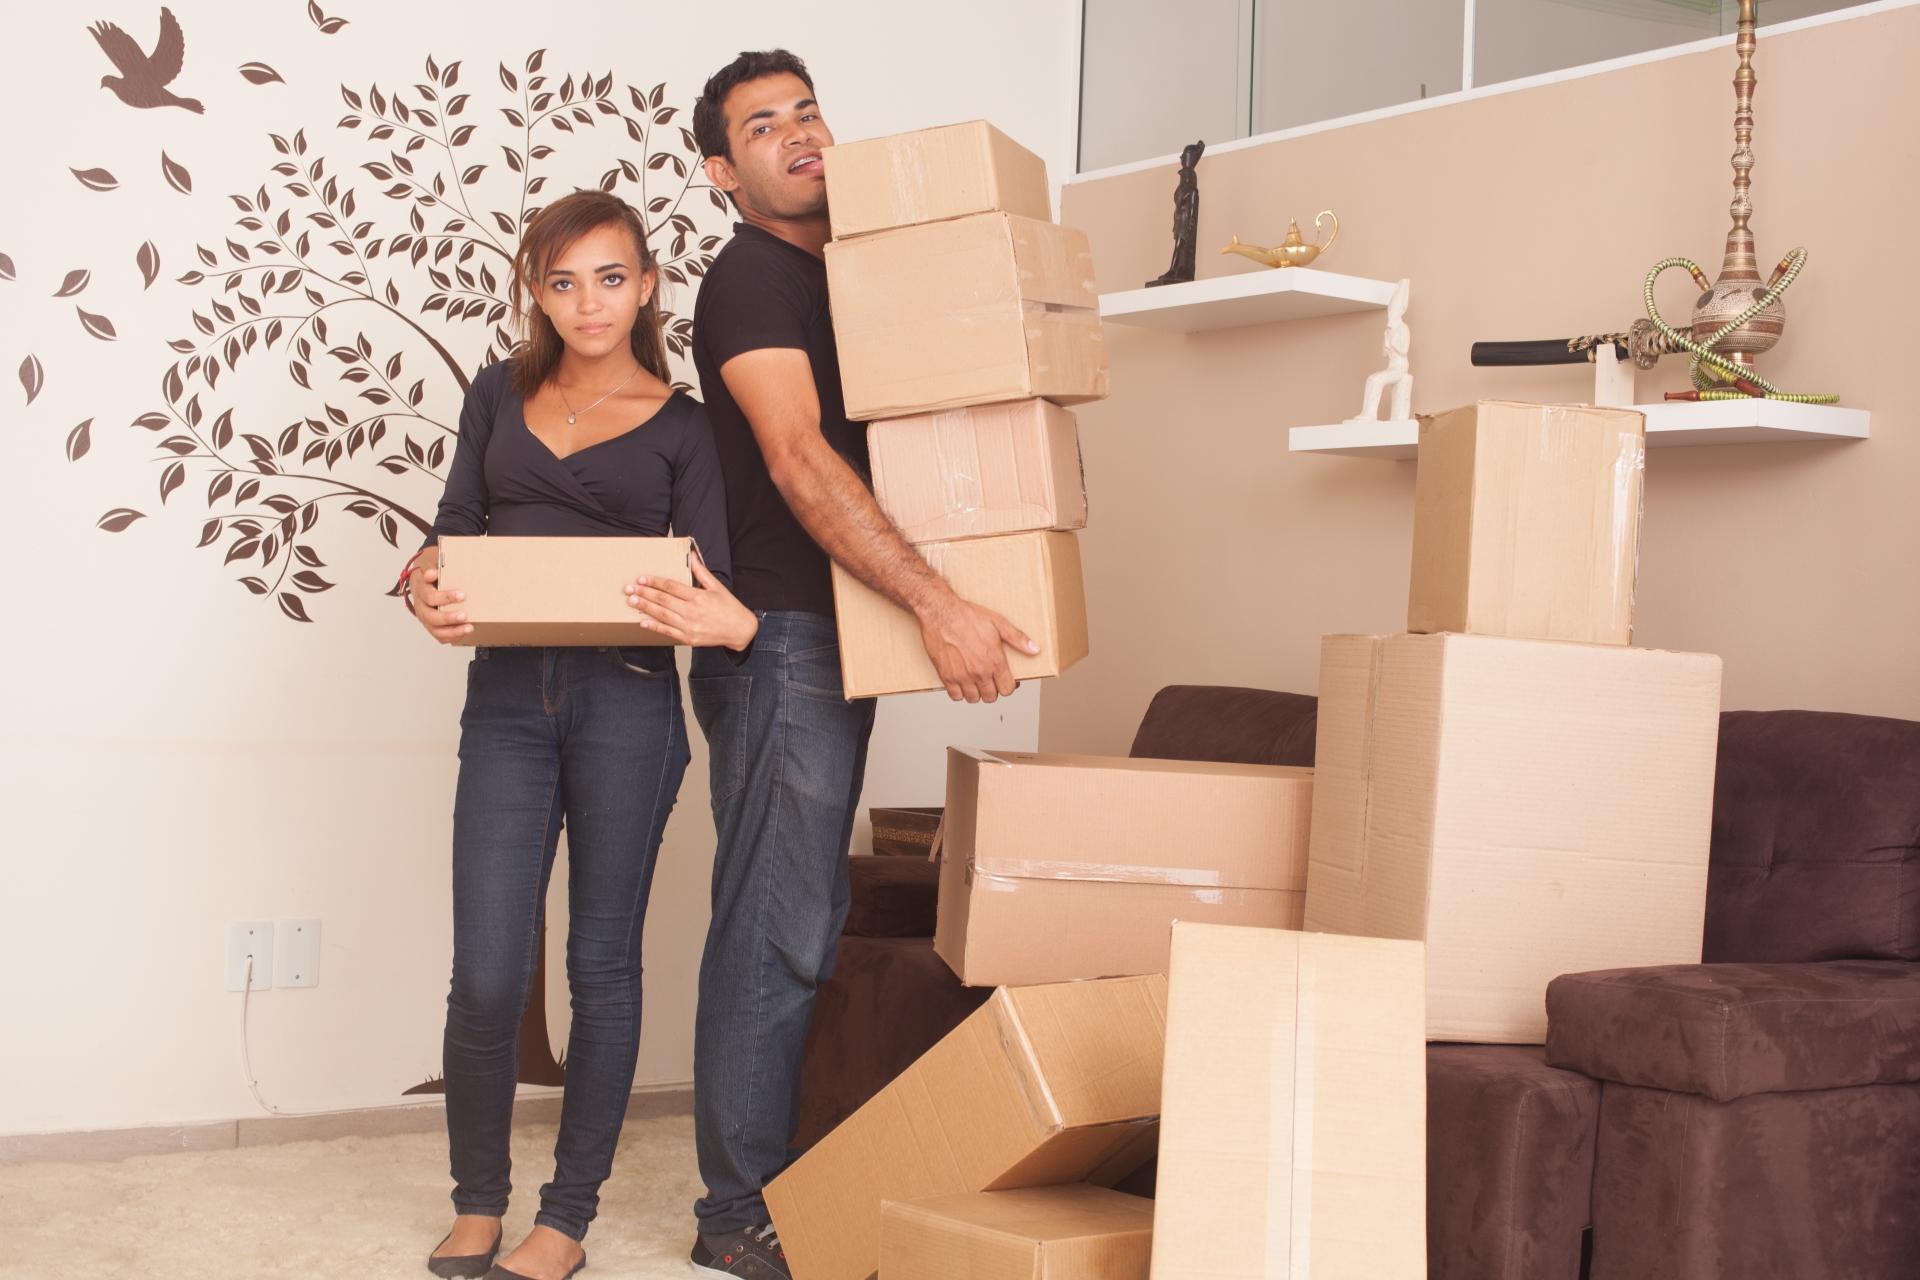 「生活感のない家」を作るための収納基本ルール5選|収納の失敗パターンとは?